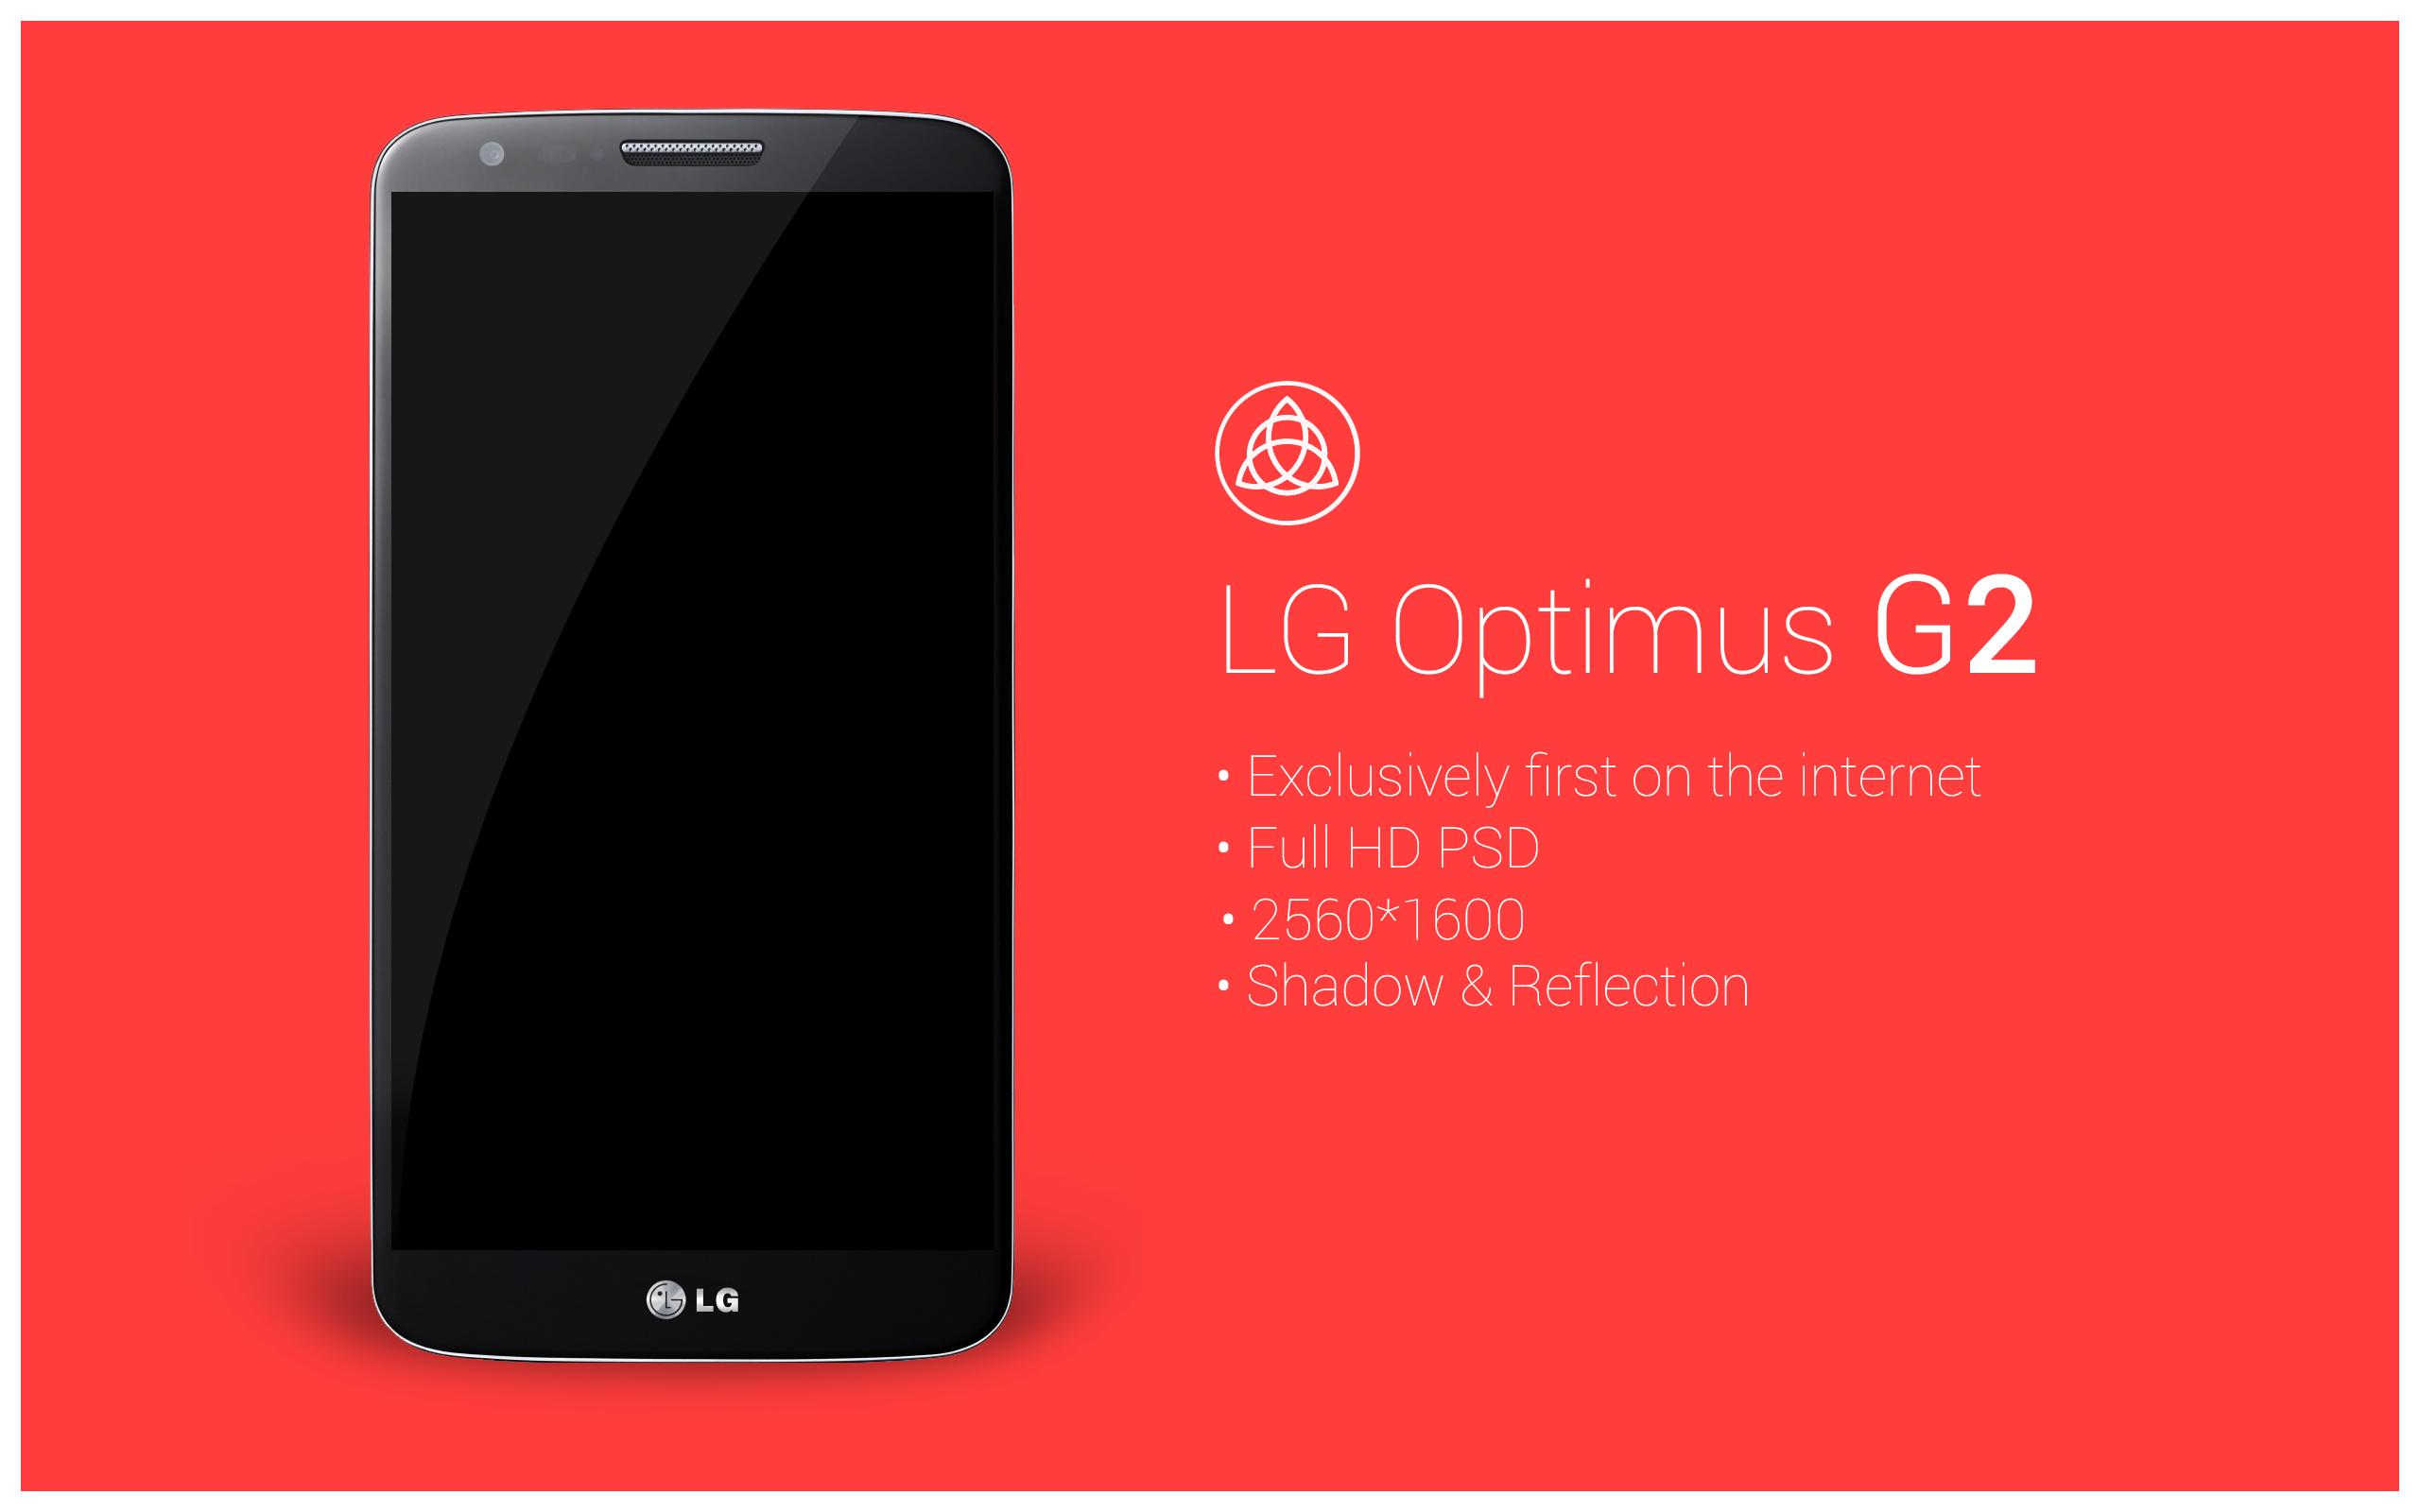 LG Optimus G2 PSD By Danishprakash